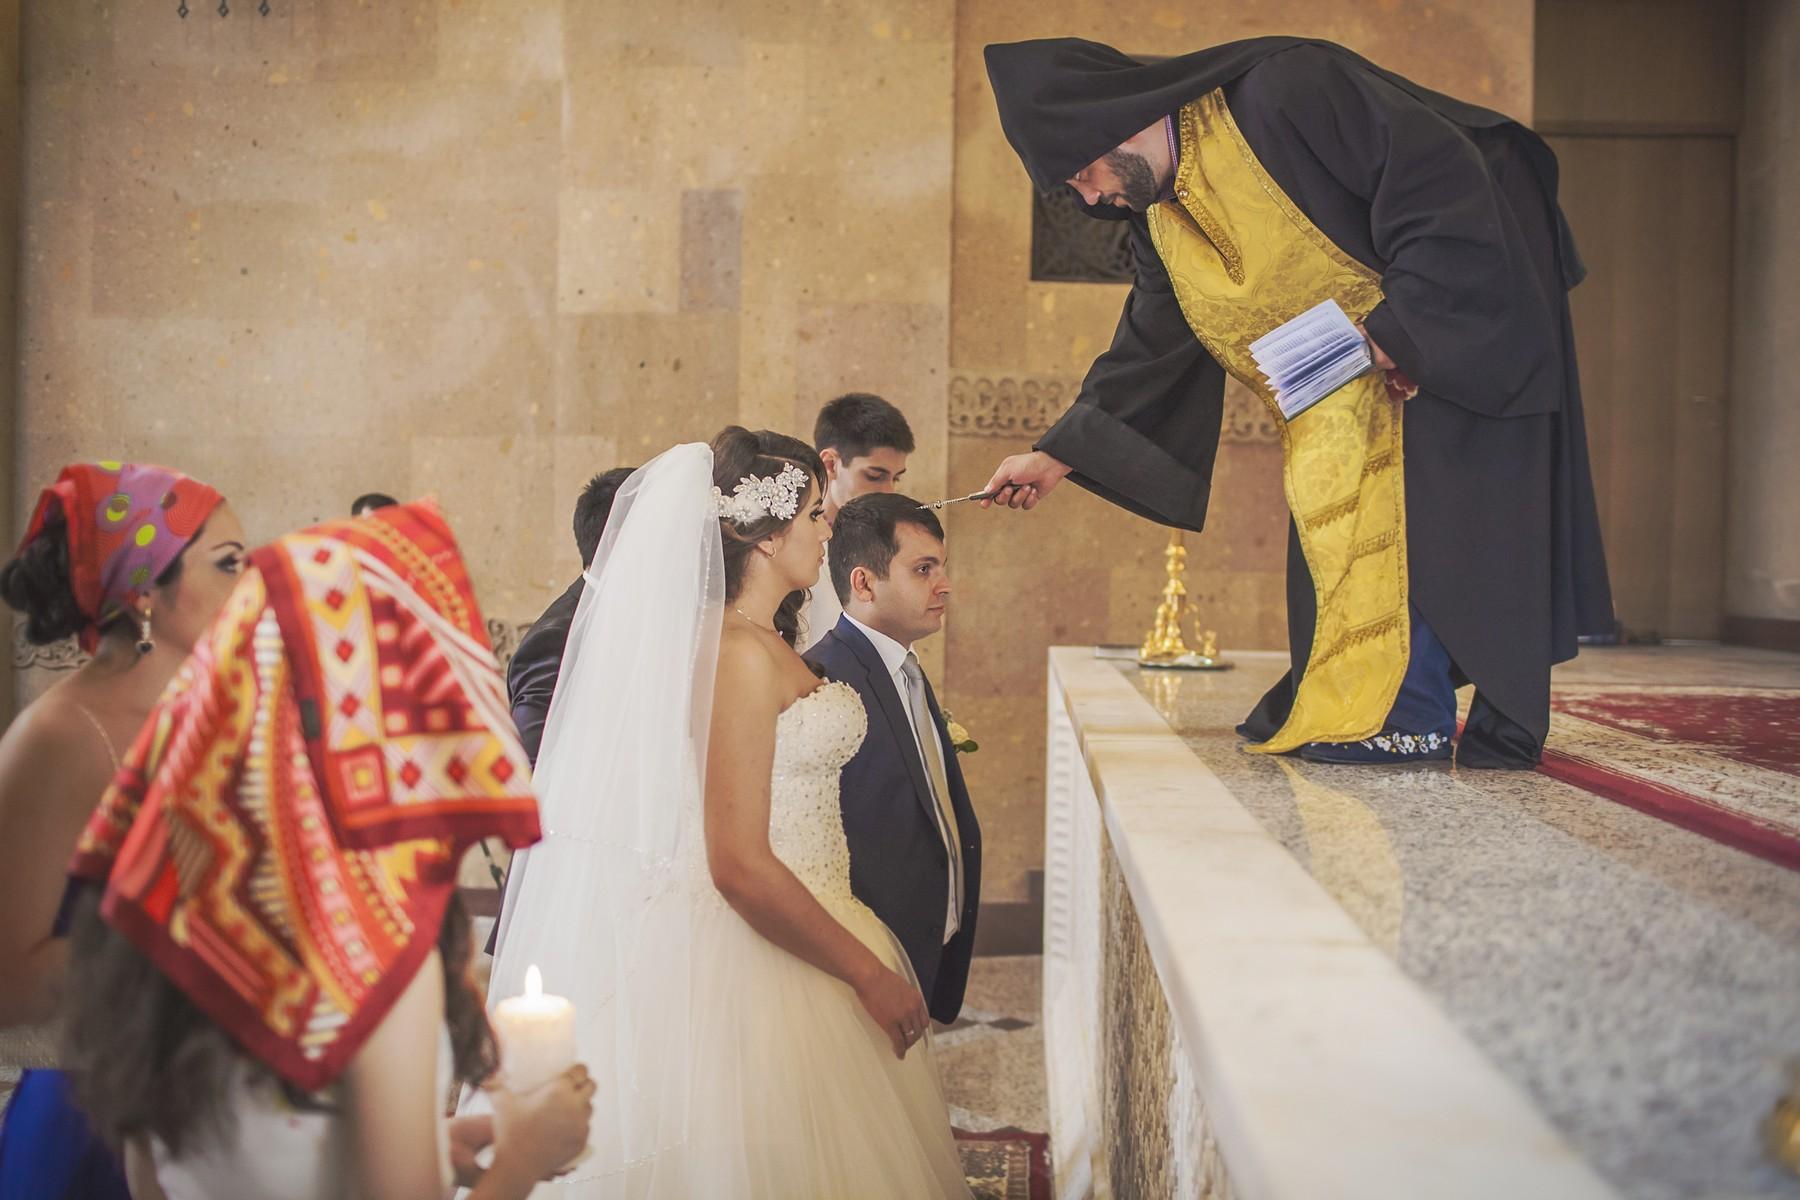 венчание фотограф